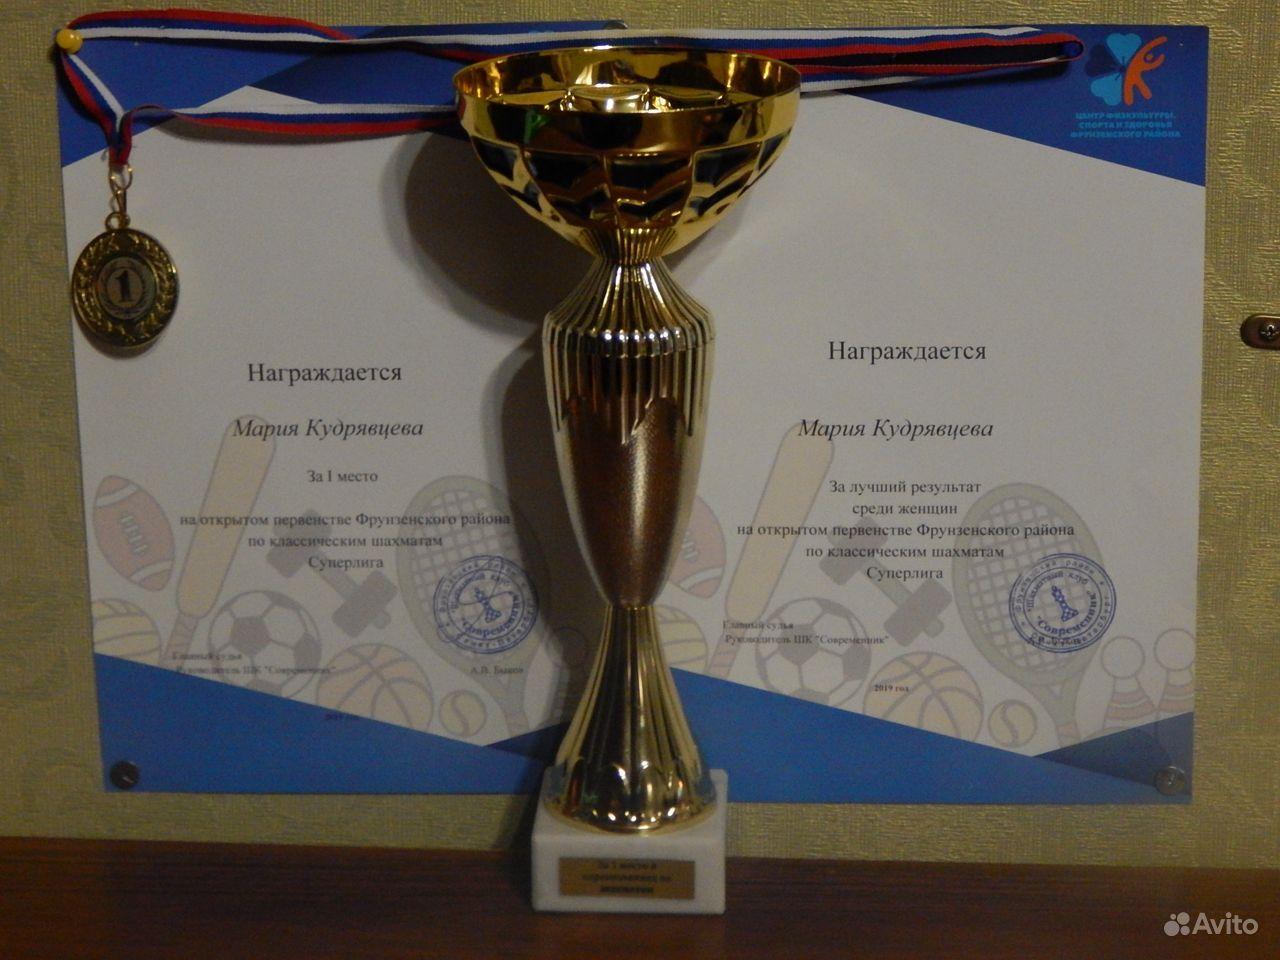 Репетитор по математике, физике, шахматам купить на Вуёк.ру - фотография № 4